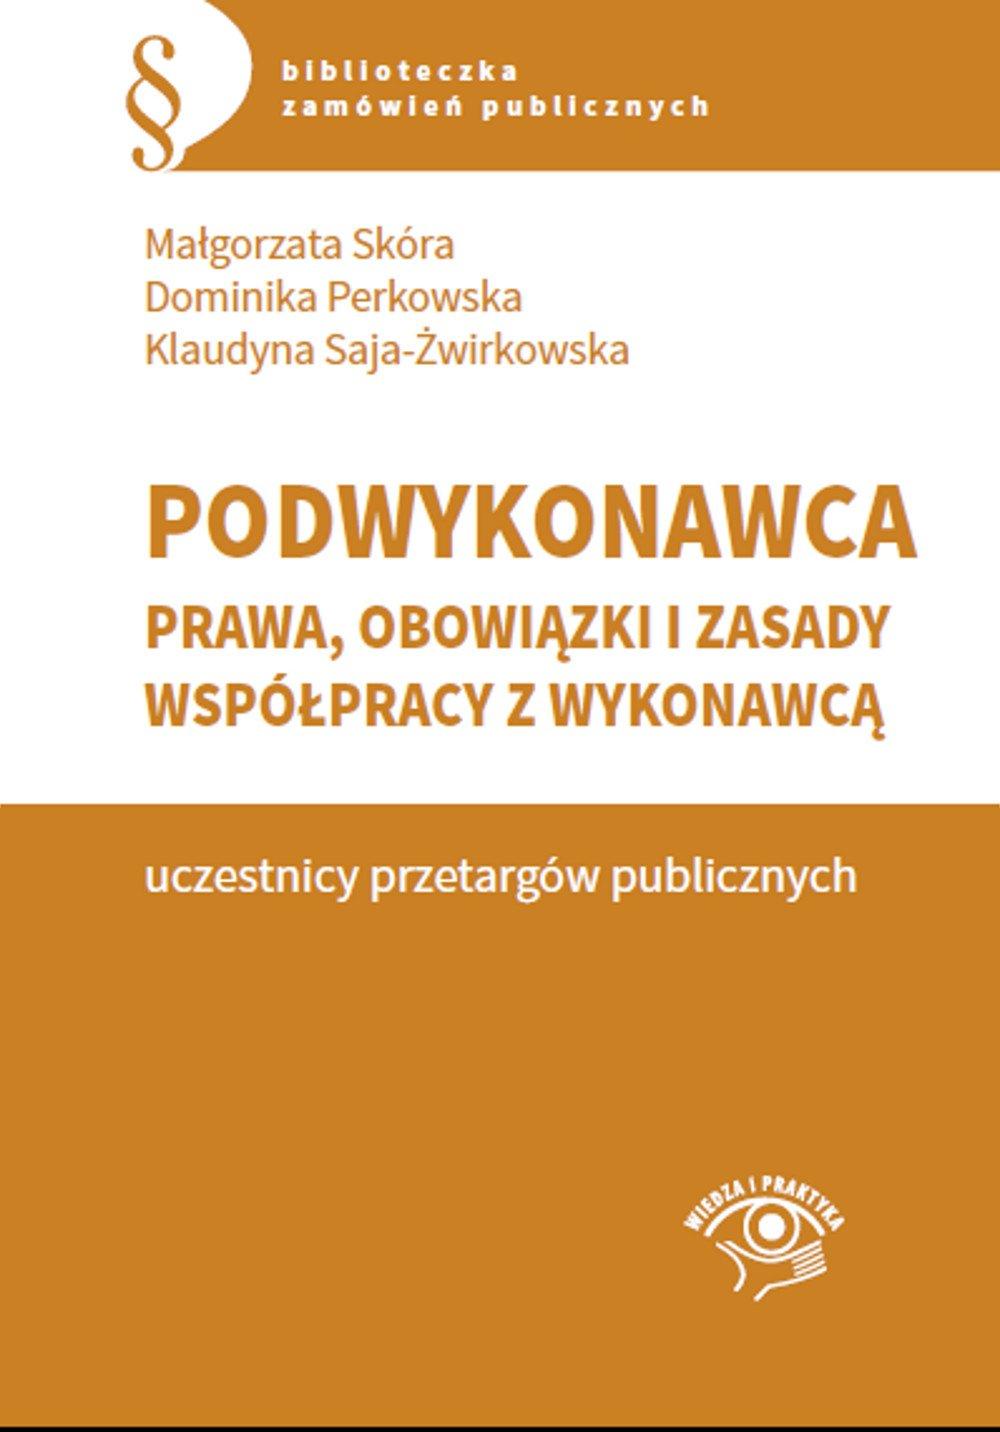 Podwykonawca – prawa, obowiązki i zasady współpracy z wykonawcą - Ebook (Książka PDF) do pobrania w formacie PDF